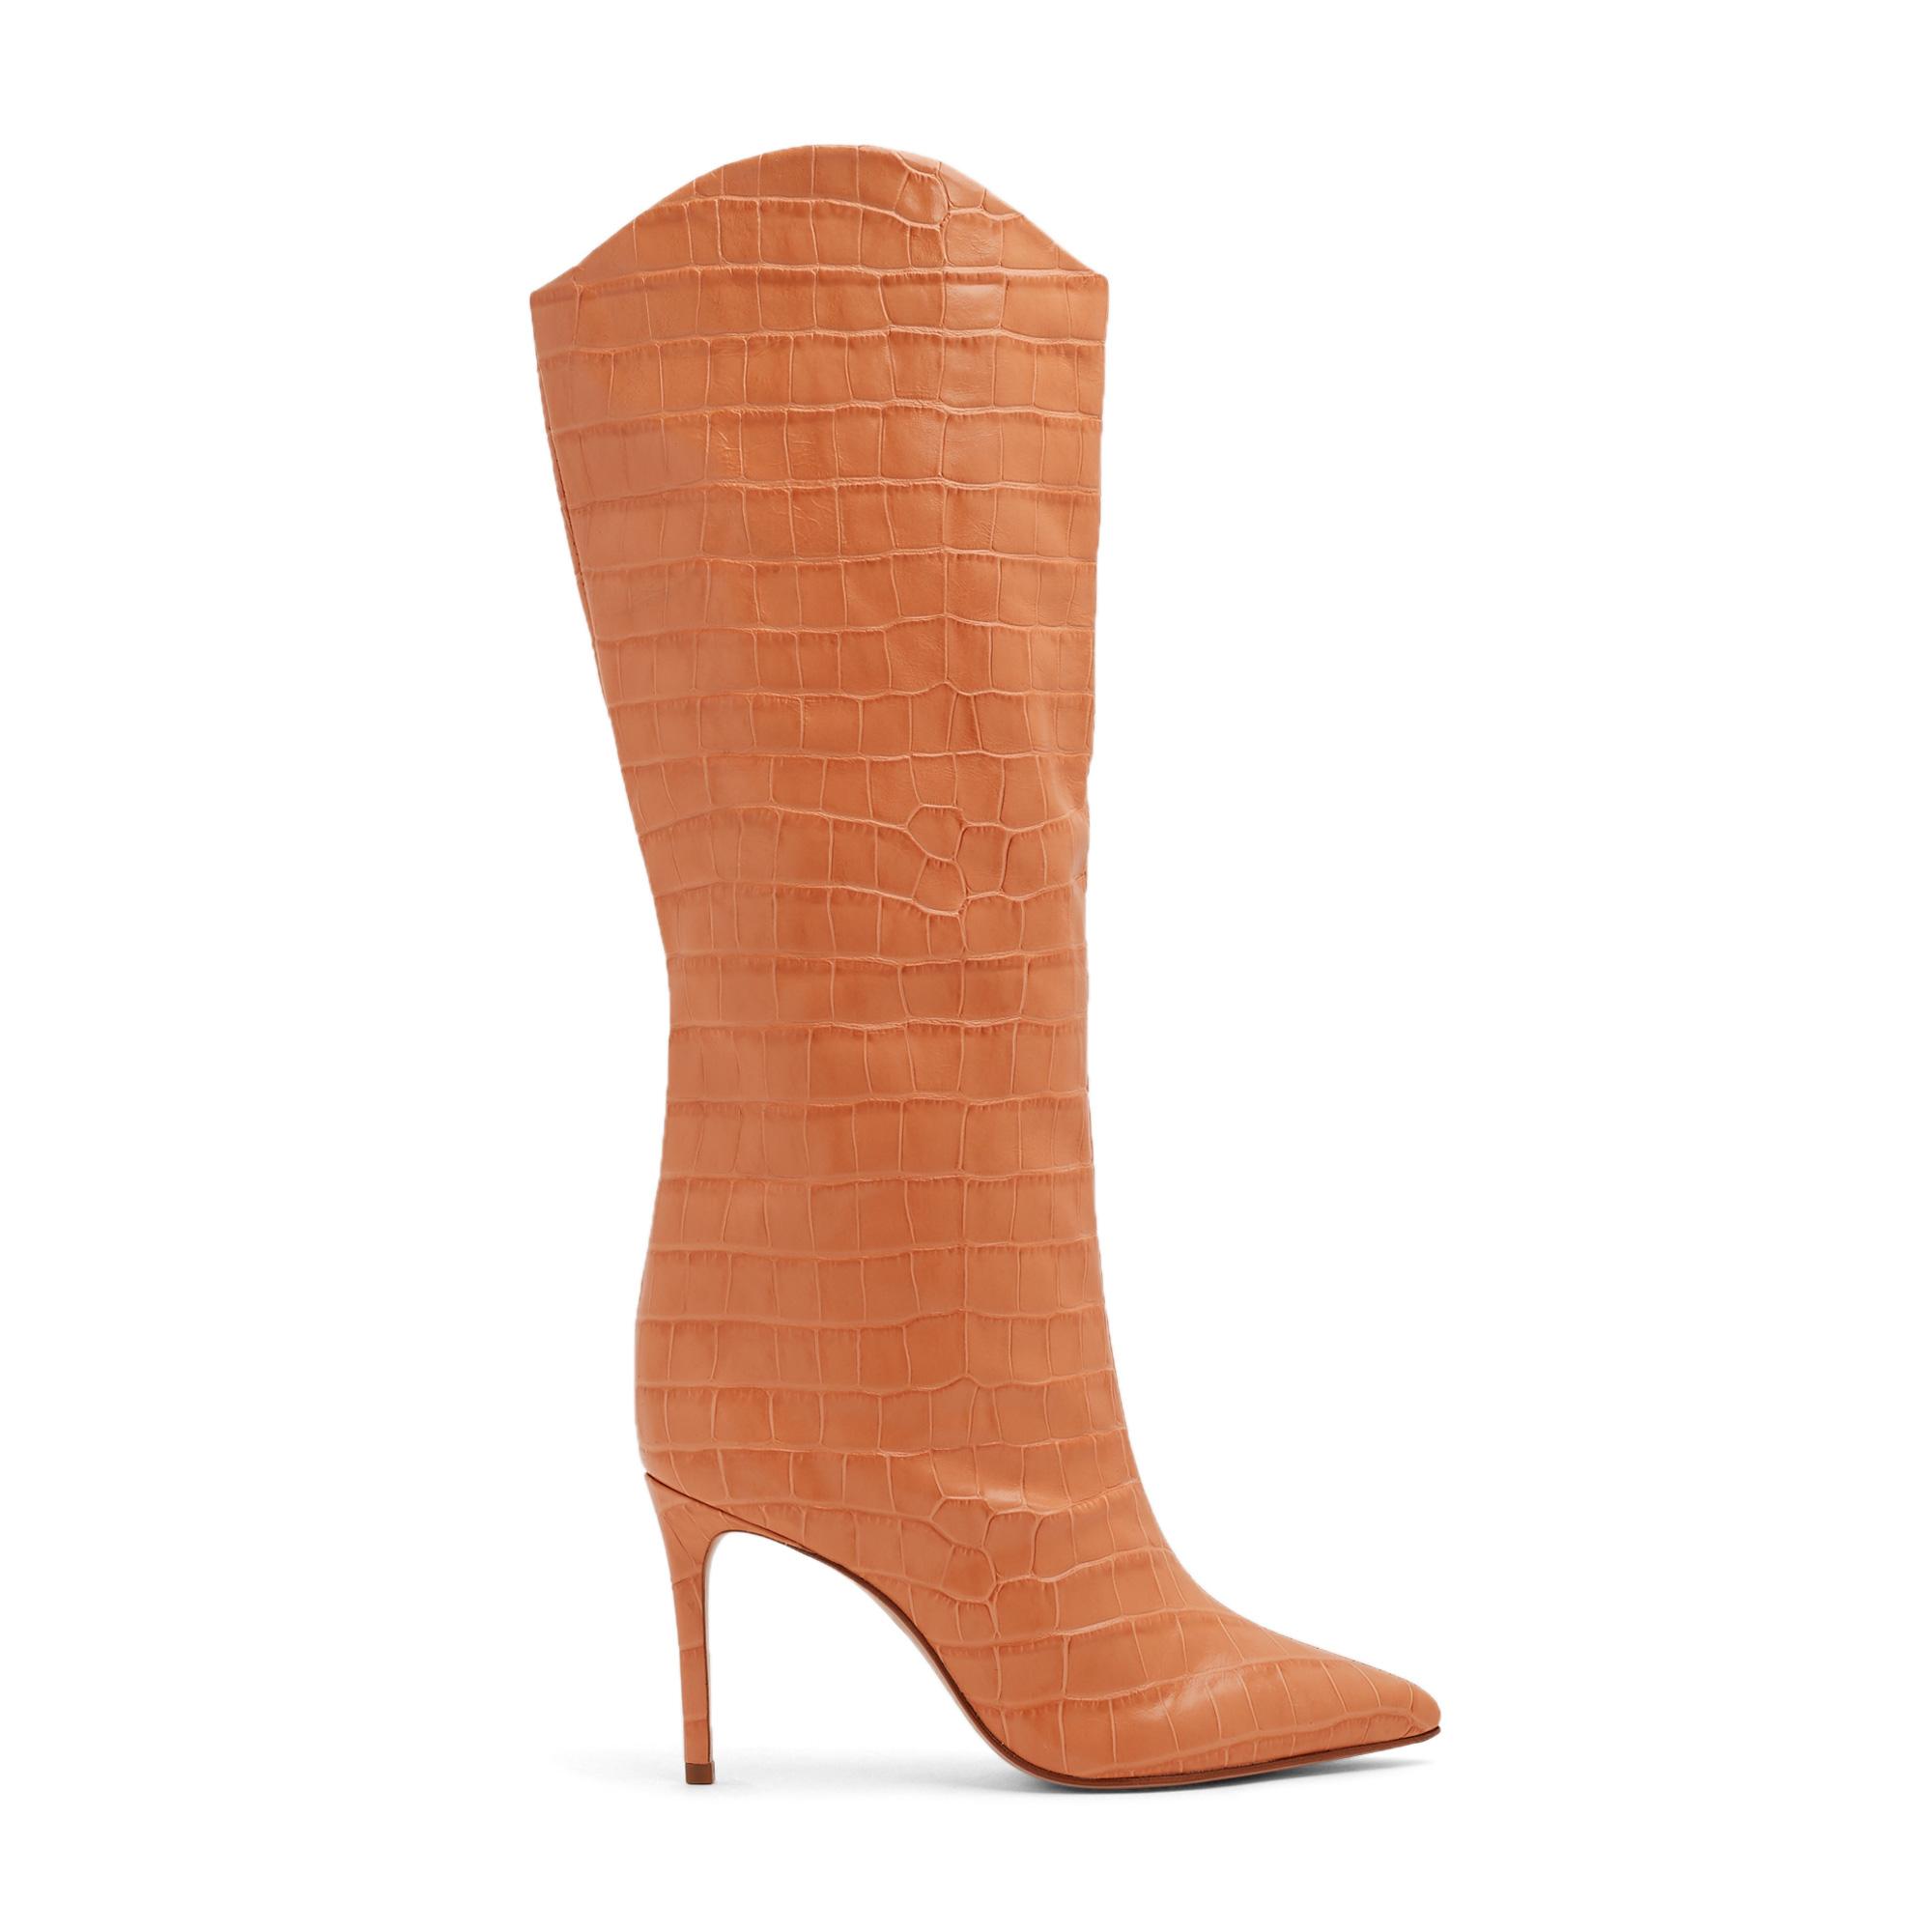 Maryana boots